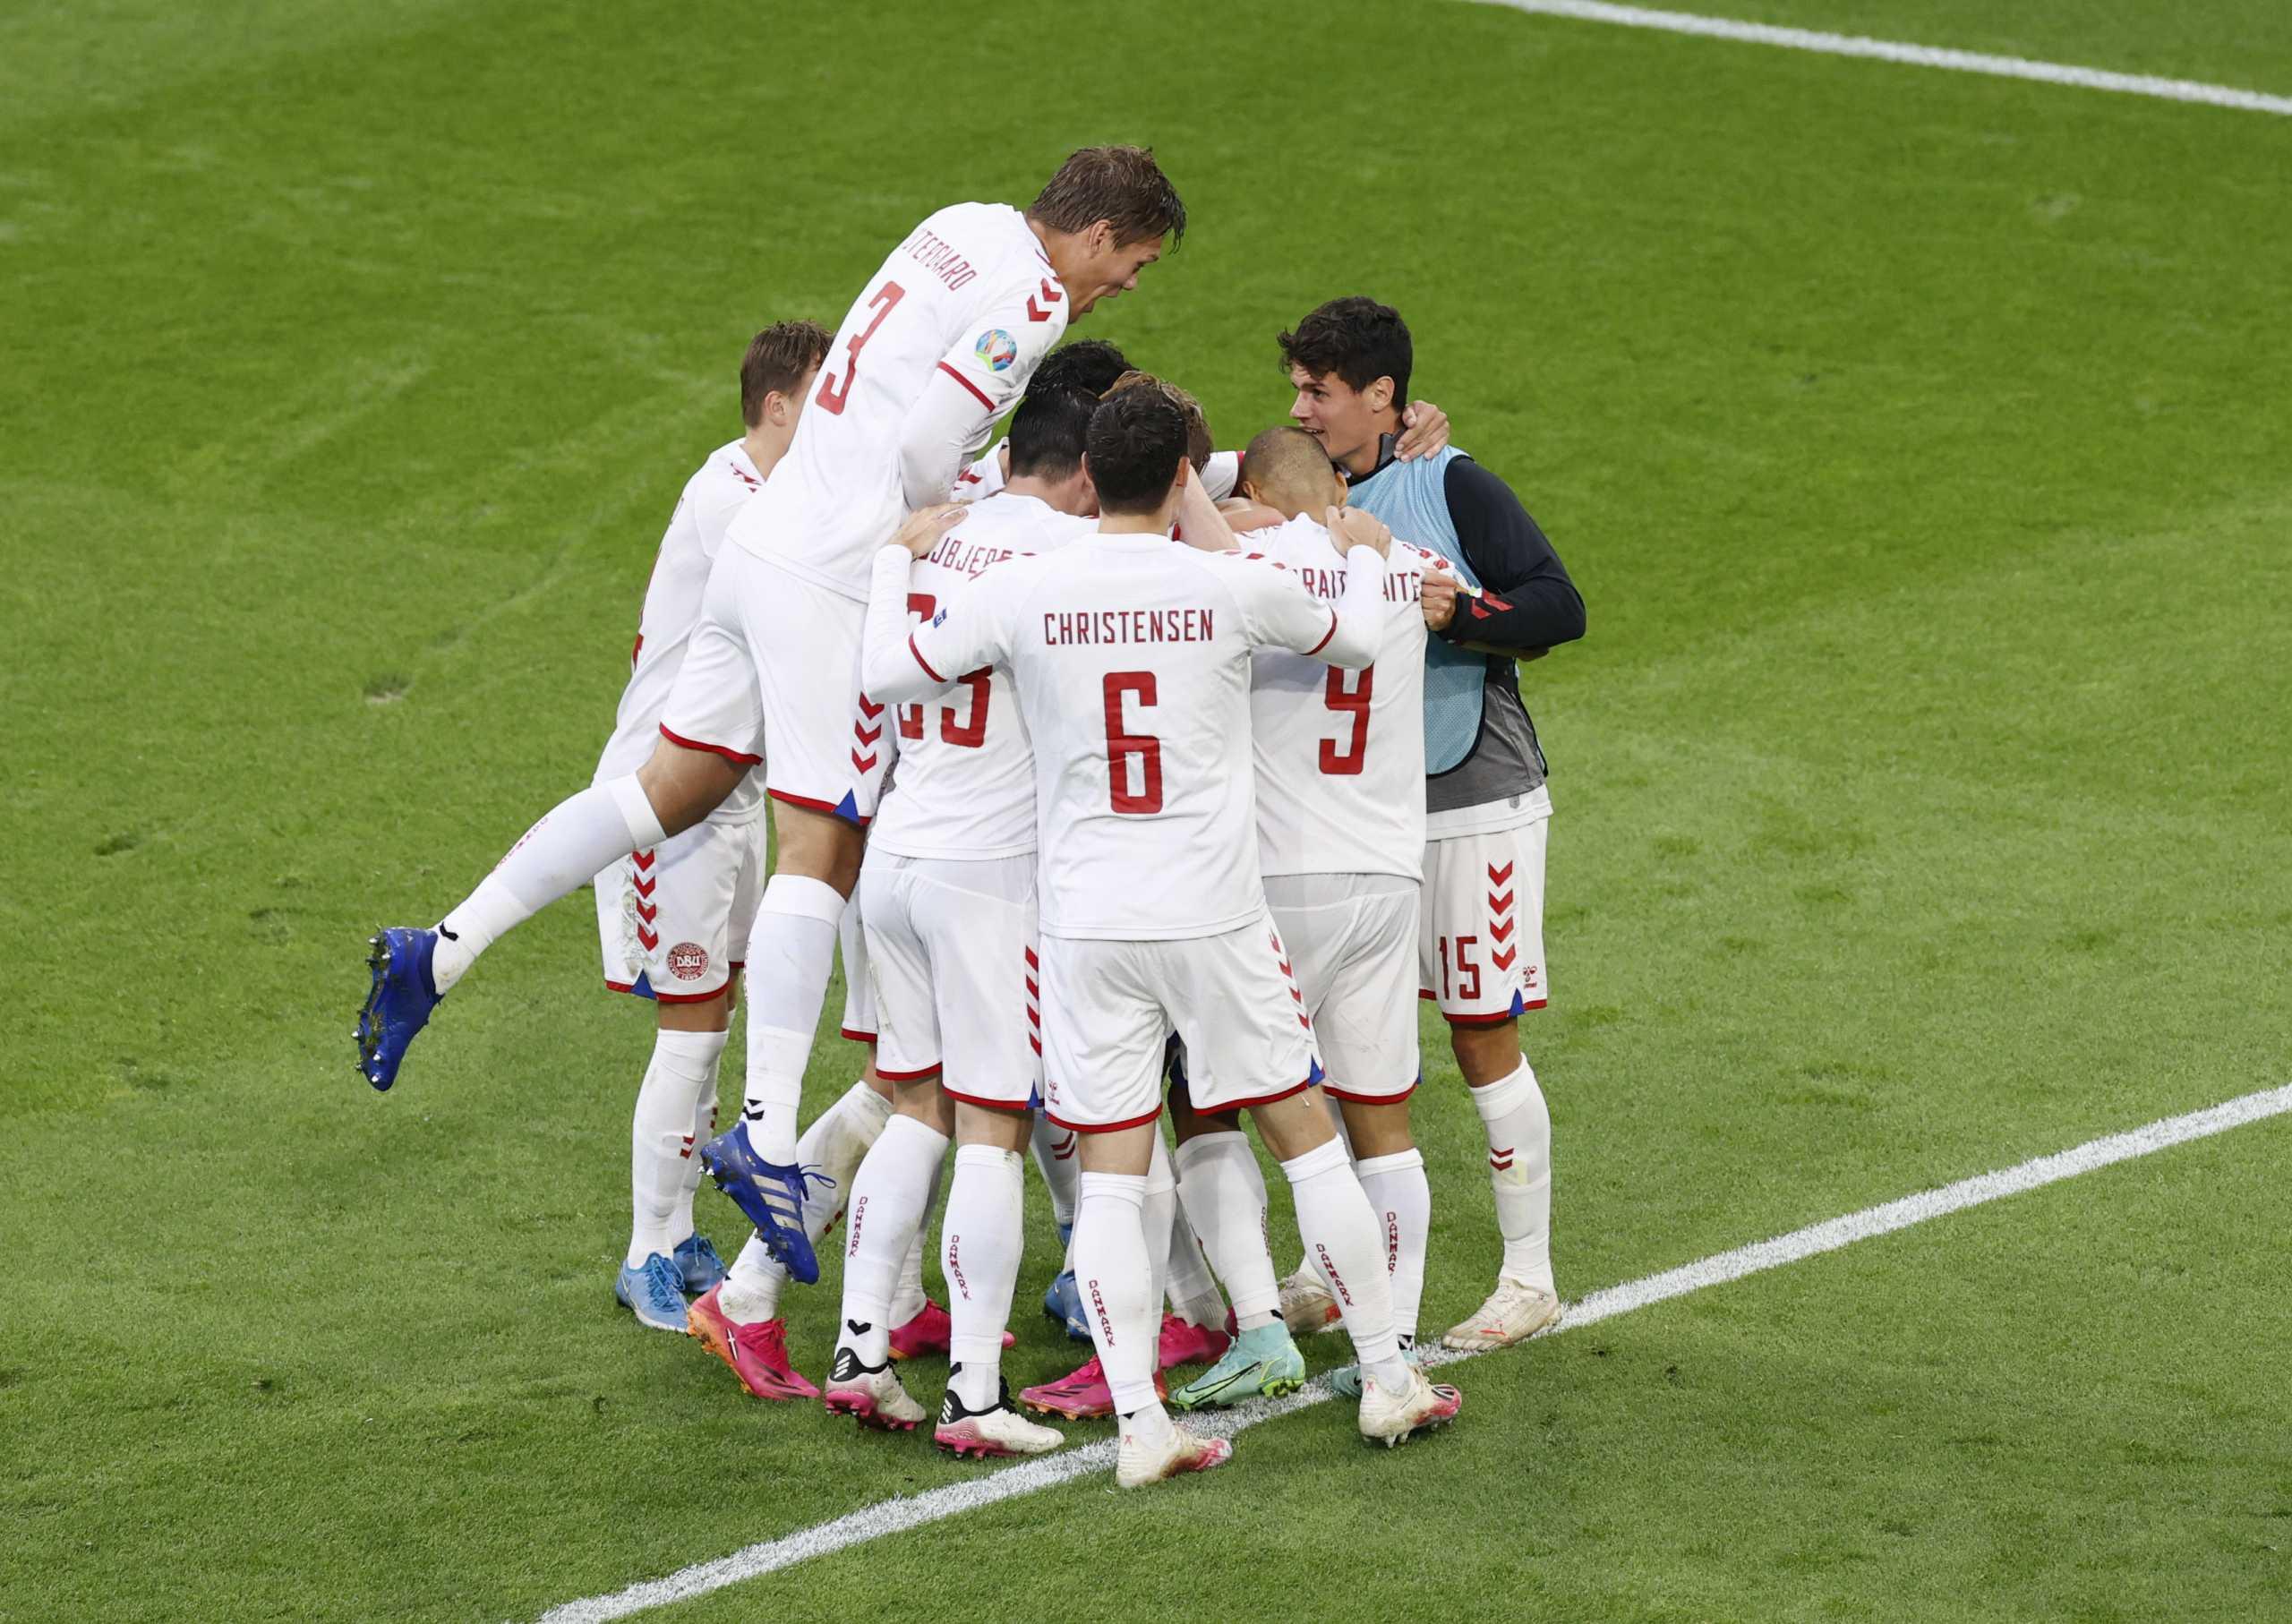 Euro 2020, Ουαλία – Δανία 0-4: «Πάρτι» των «Βίκινγκς» και εμφατική πρόκριση στα προημιτελικά